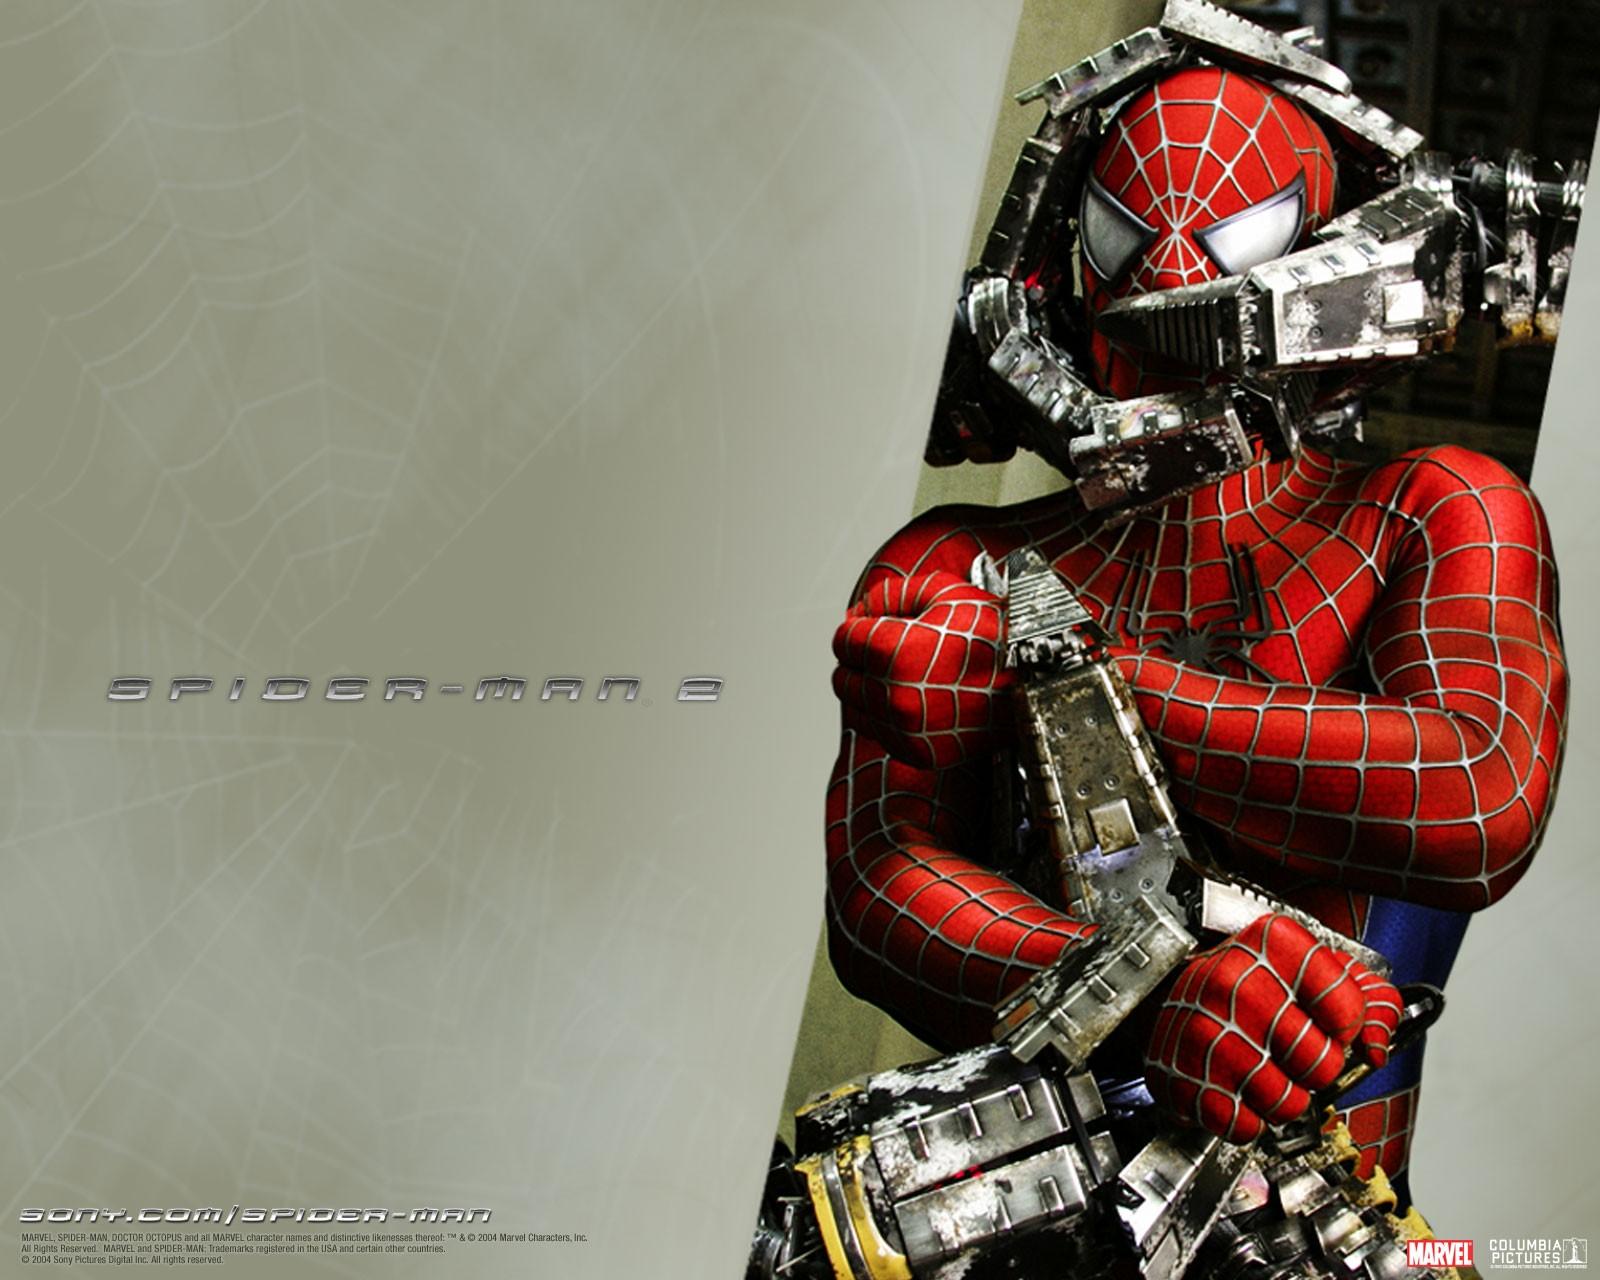 Un wallpaper di Spiderman legato nel film 'Spider-Man 2'